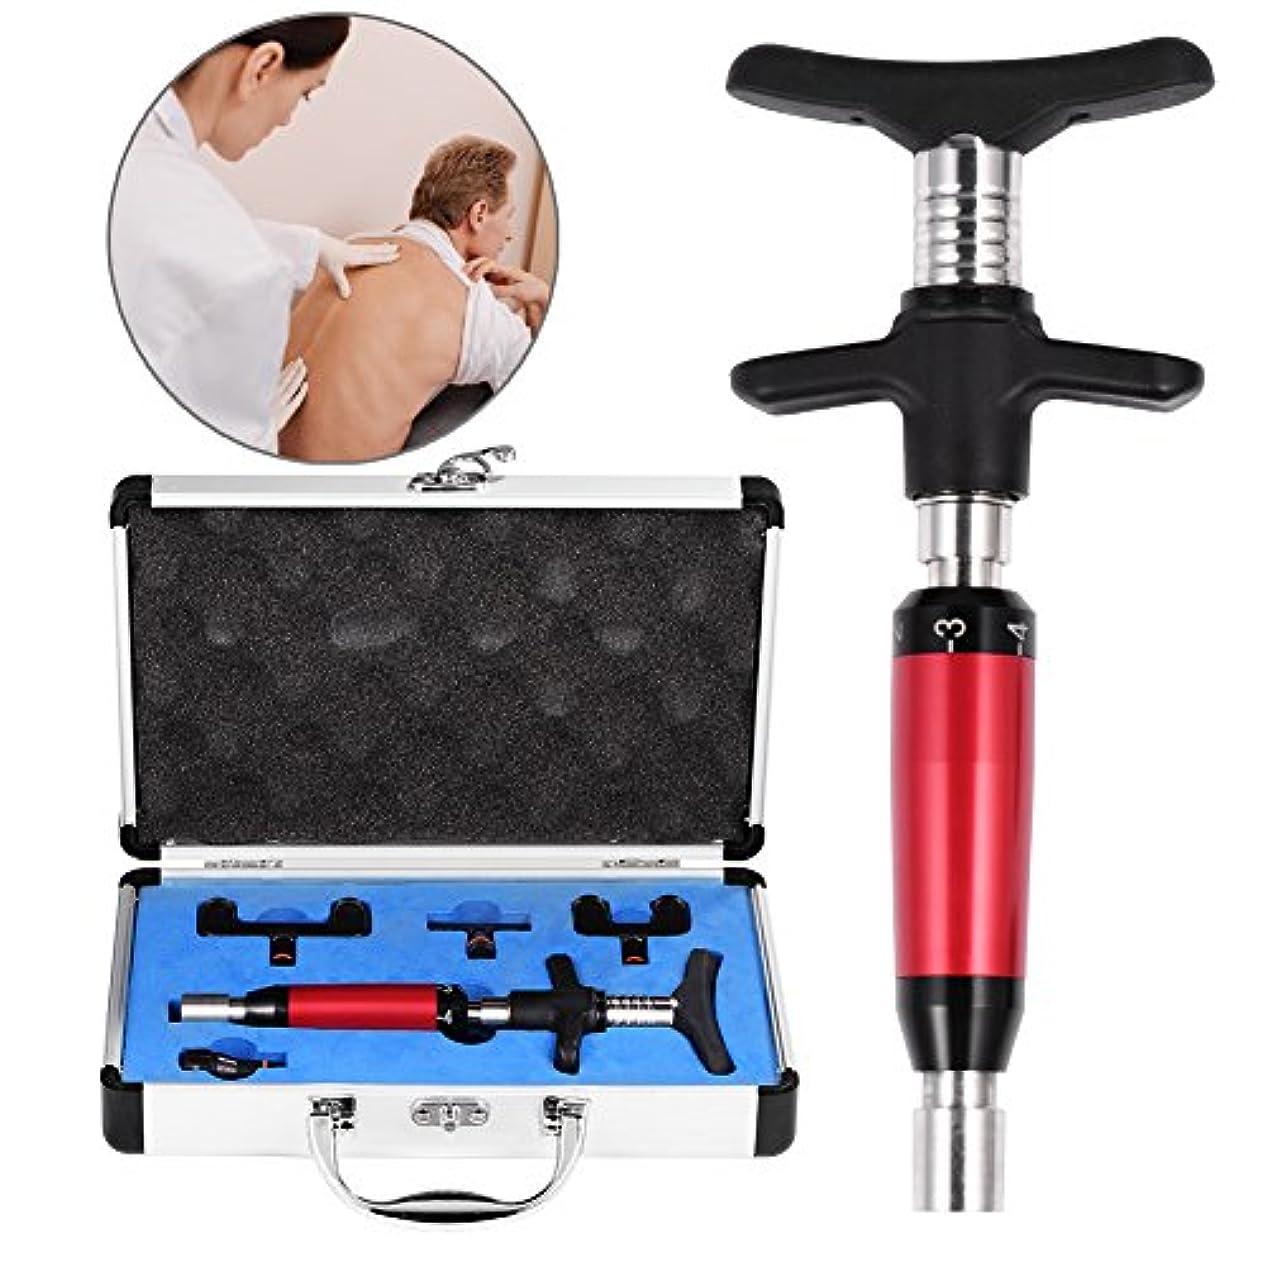 6レベル手動ヘッドスパインマッサージャー、背骨調整キット、背骨と胸郭の調整のための背骨マッサージ、ポータブル